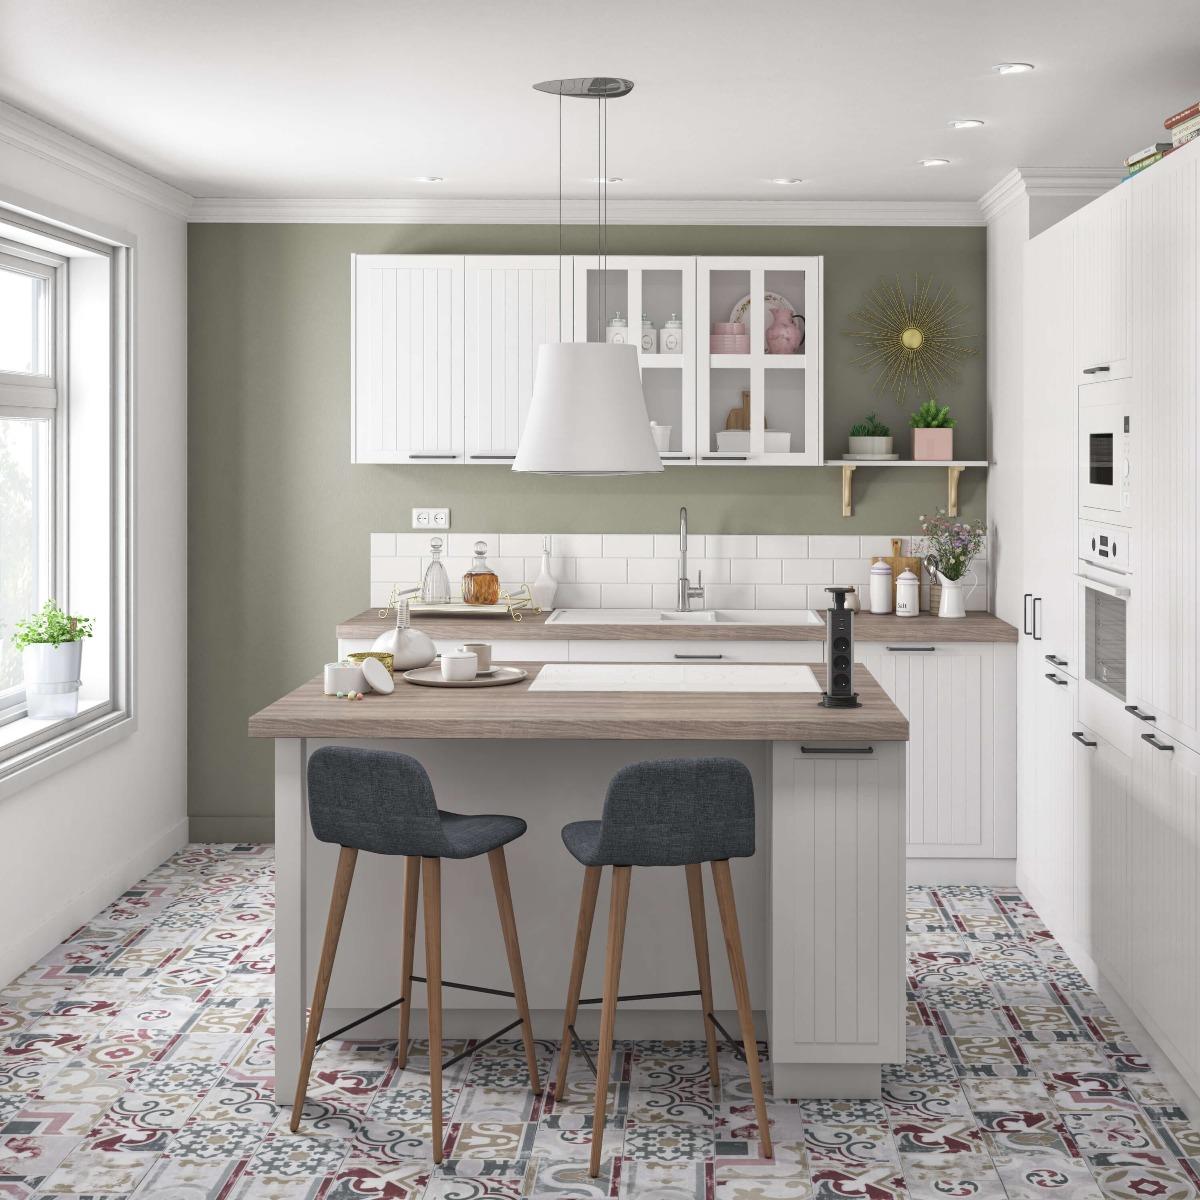 Delinia Toscane Designer Kitchen Mobi - Example 5